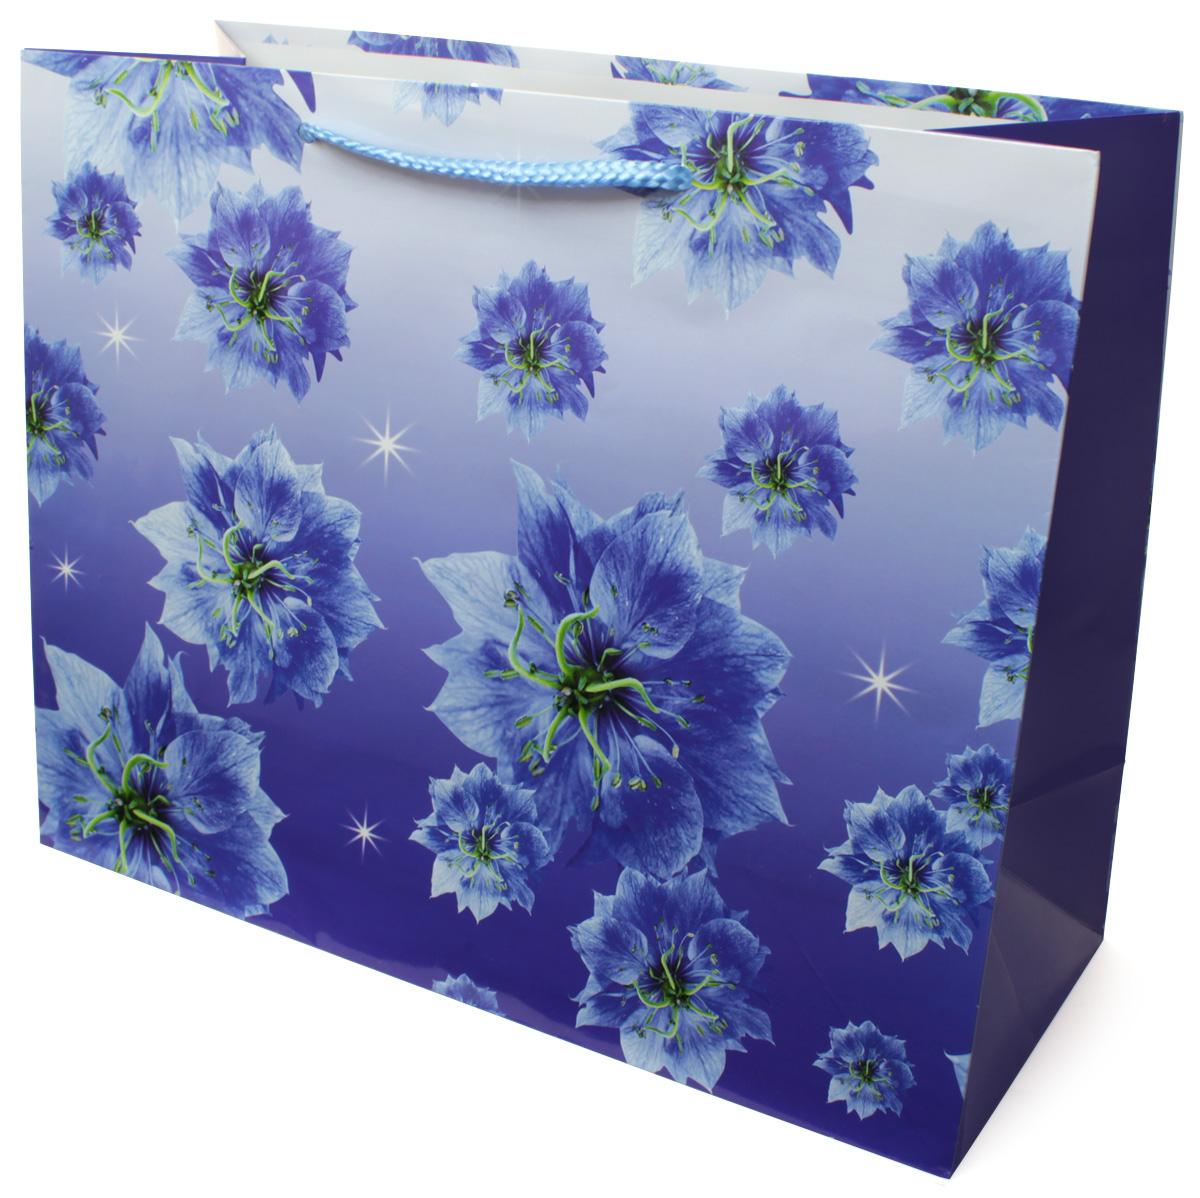 """Подарочный пакет """"МегаМАГ"""", изготовленный из плотной ламинированной бумаги, станет незаменимым дополнением к выбранному подарку. Для удобной переноски на пакете имеются ручки-шнурки.Подарок, преподнесенный в оригинальной упаковке, всегда будет самым эффектным и запоминающимся. Окружите близких людей вниманием и заботой, вручив презент в нарядном, праздничном оформлении."""